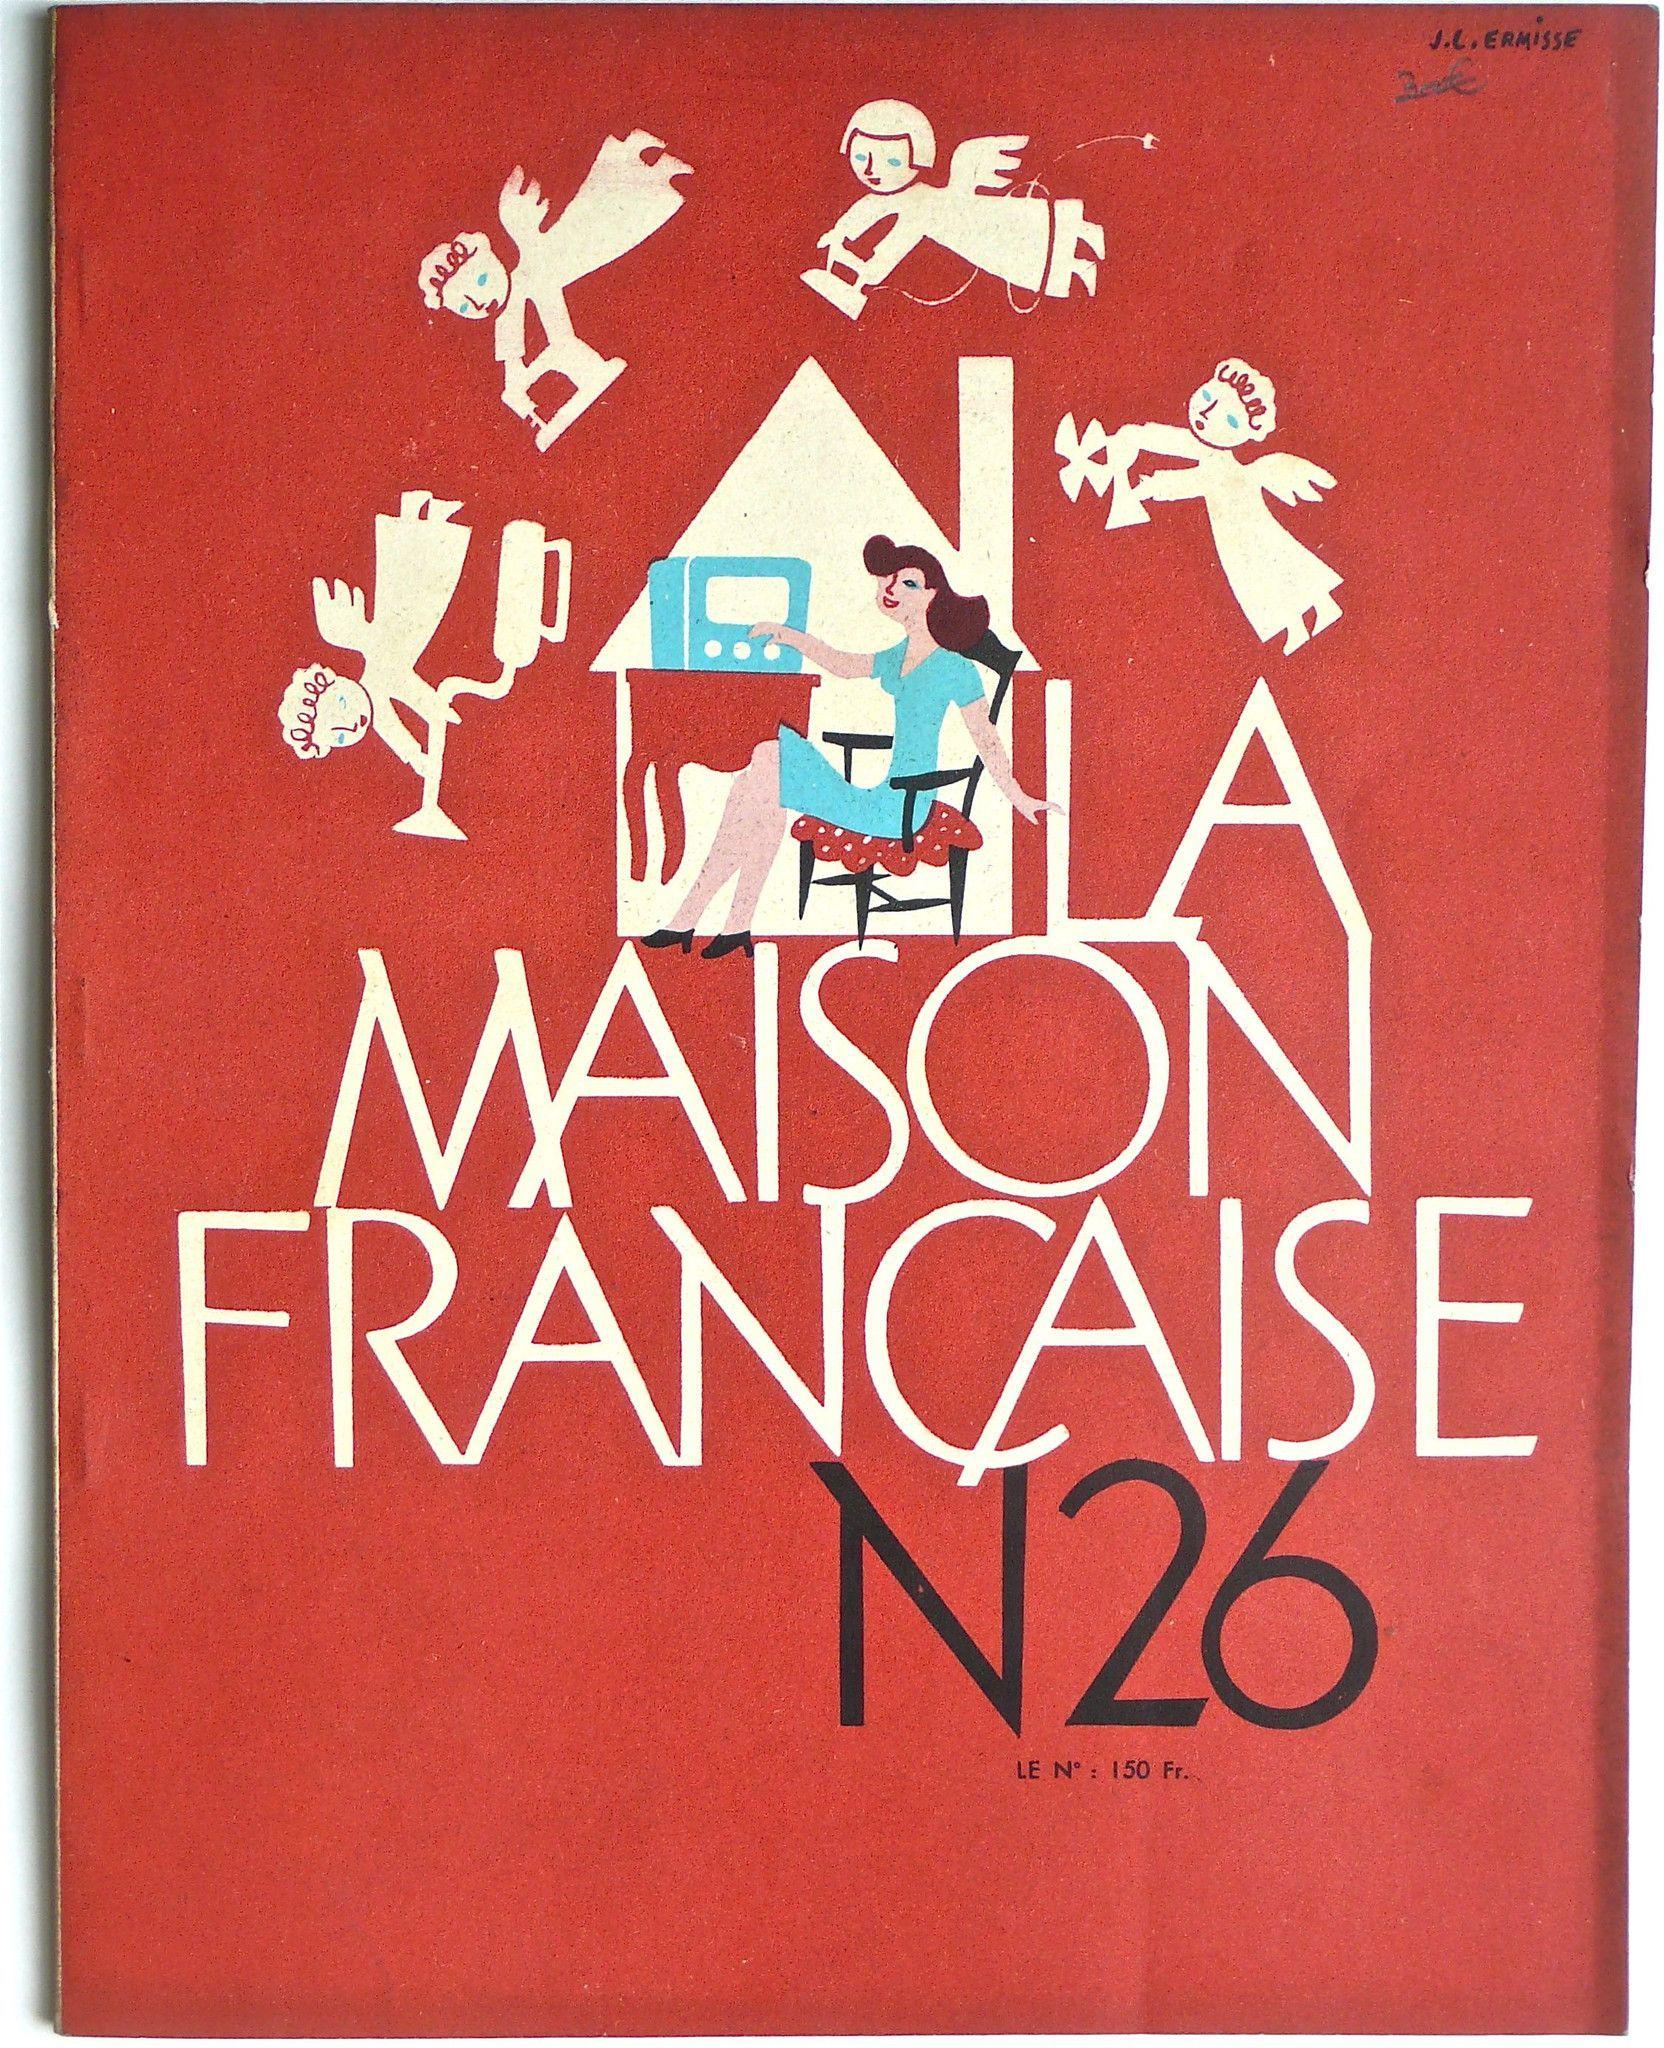 La Maison Francaise no 26